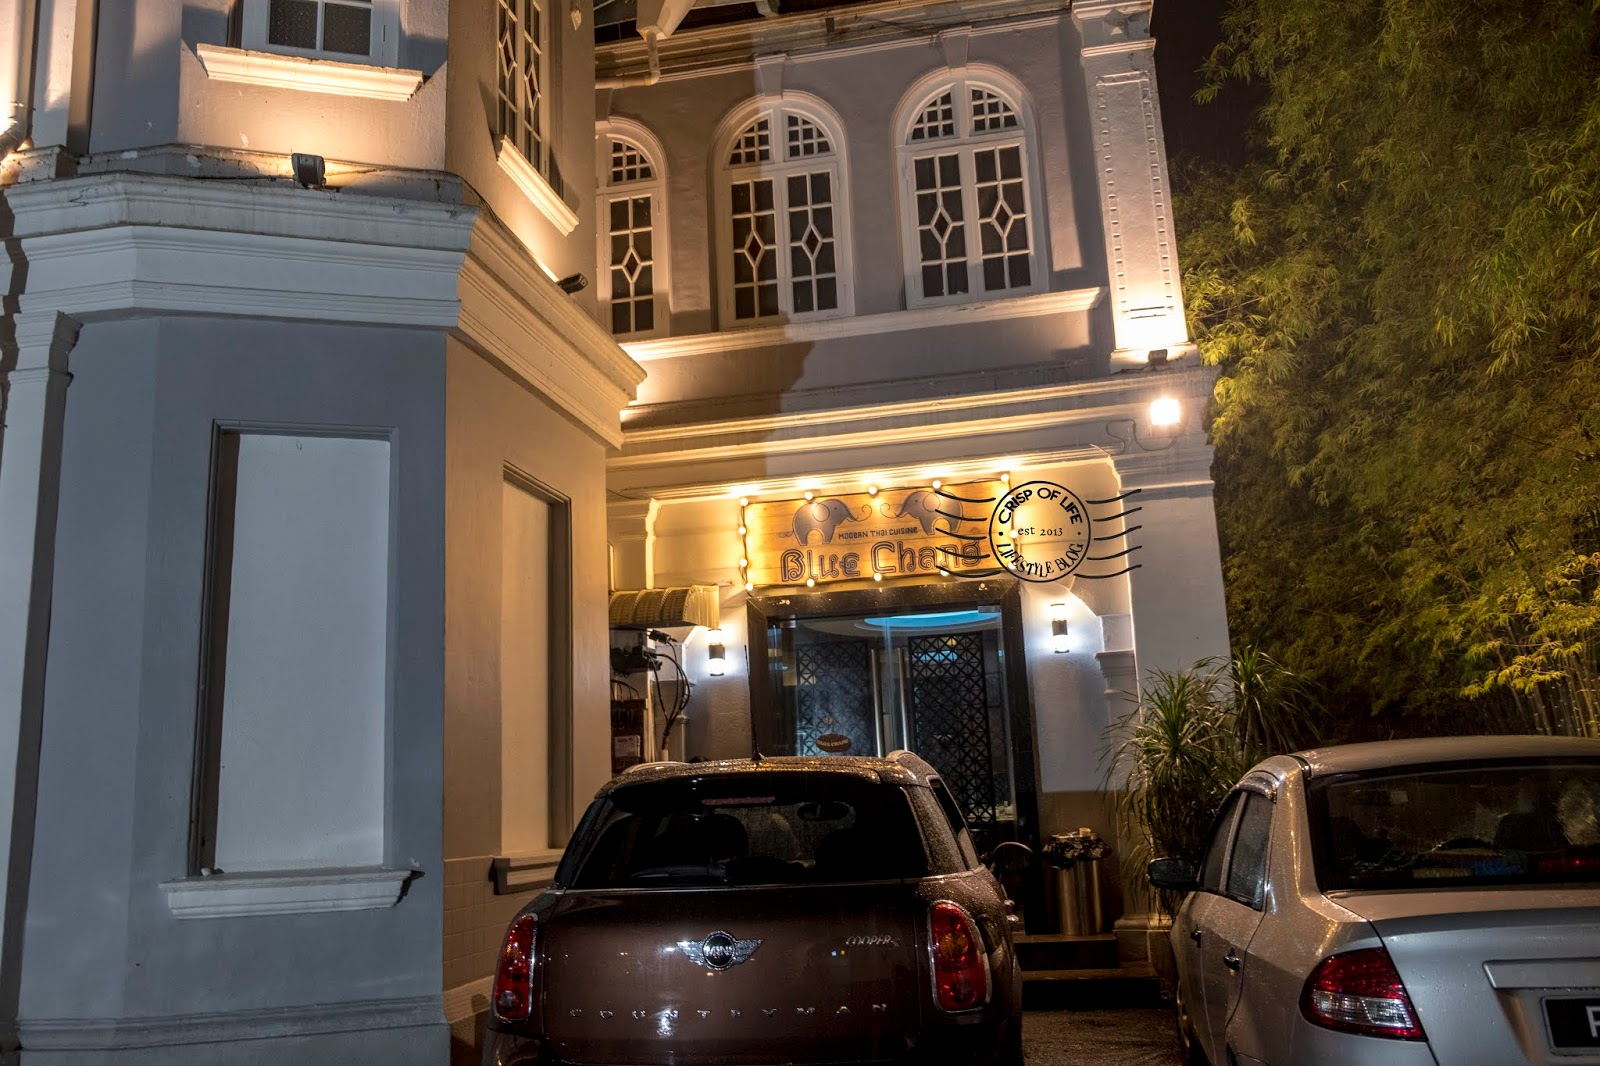 Blue Chang Mordern Thai Cuisine @ Burmah Road, Georgetown, Penang